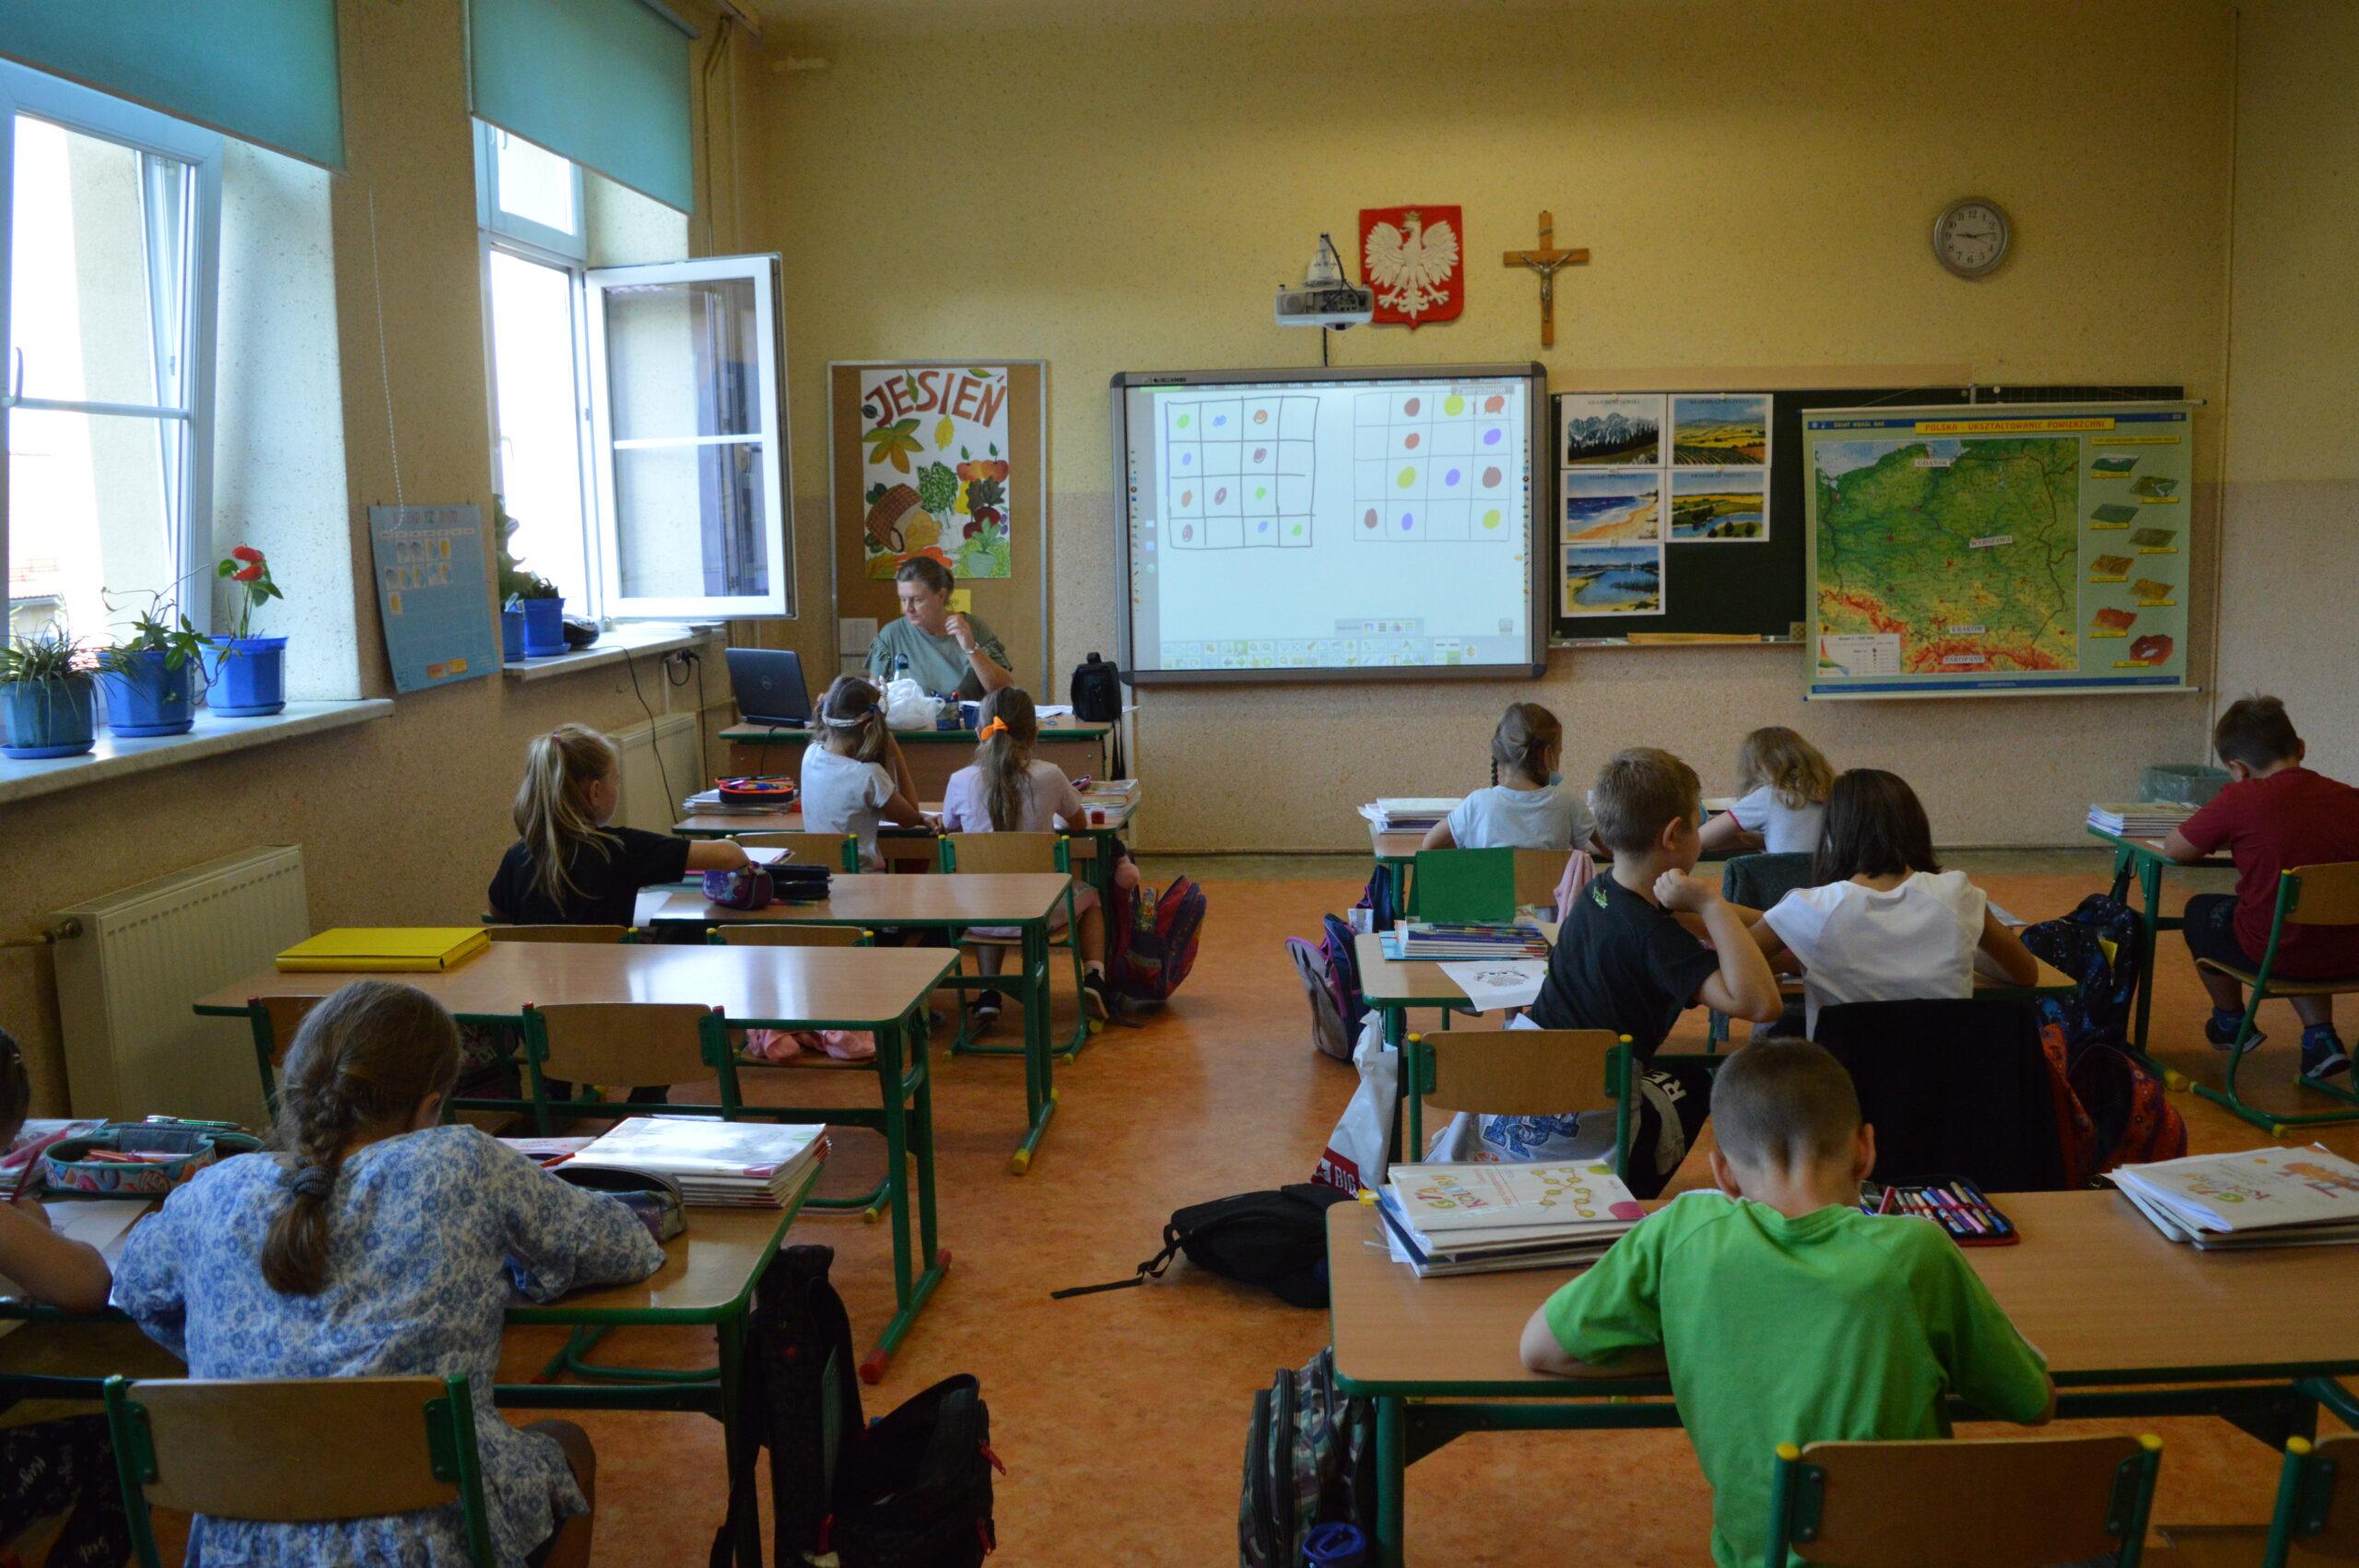 grupa uczniów w klasie z nauczycielem